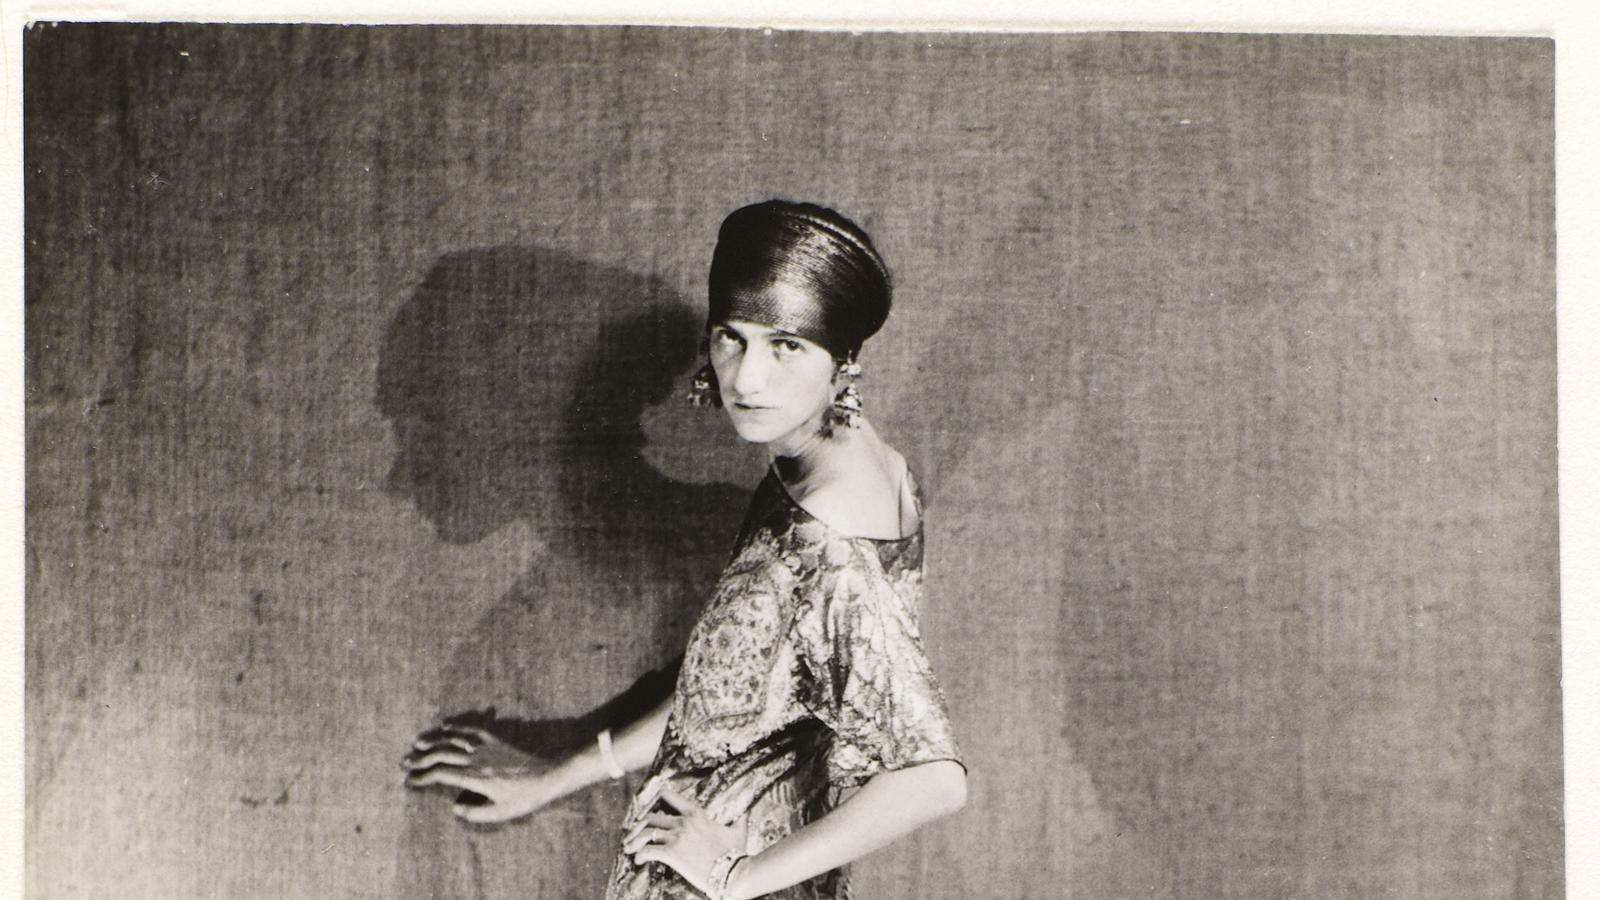 Un dels retrats que li va fer a Peggy Guggenheim al 1924